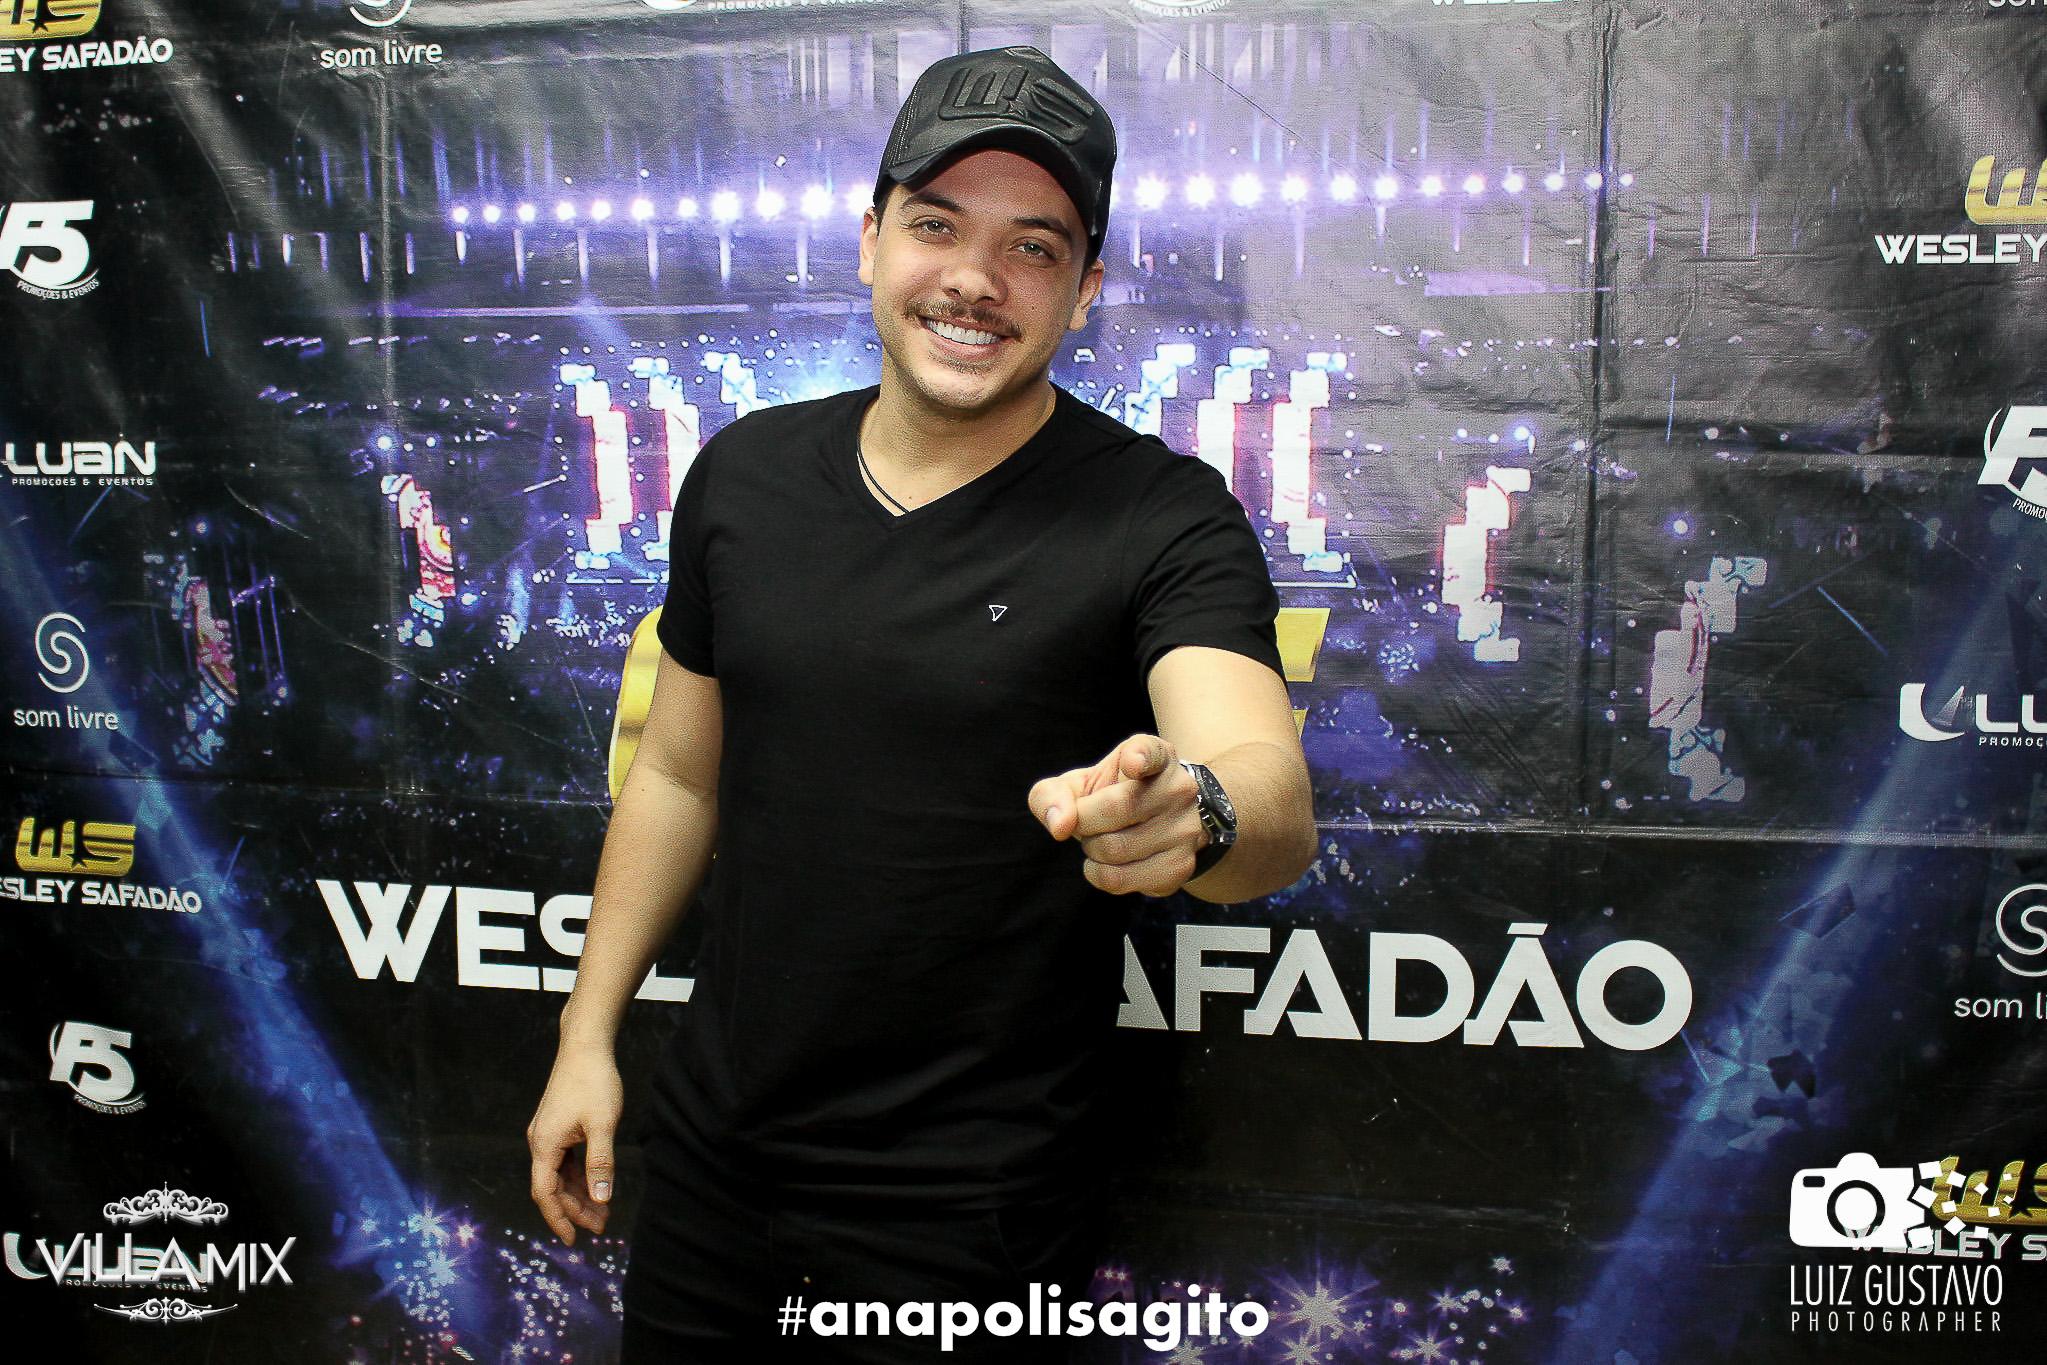 Luiz Gustavo Photographer (170 de 327)